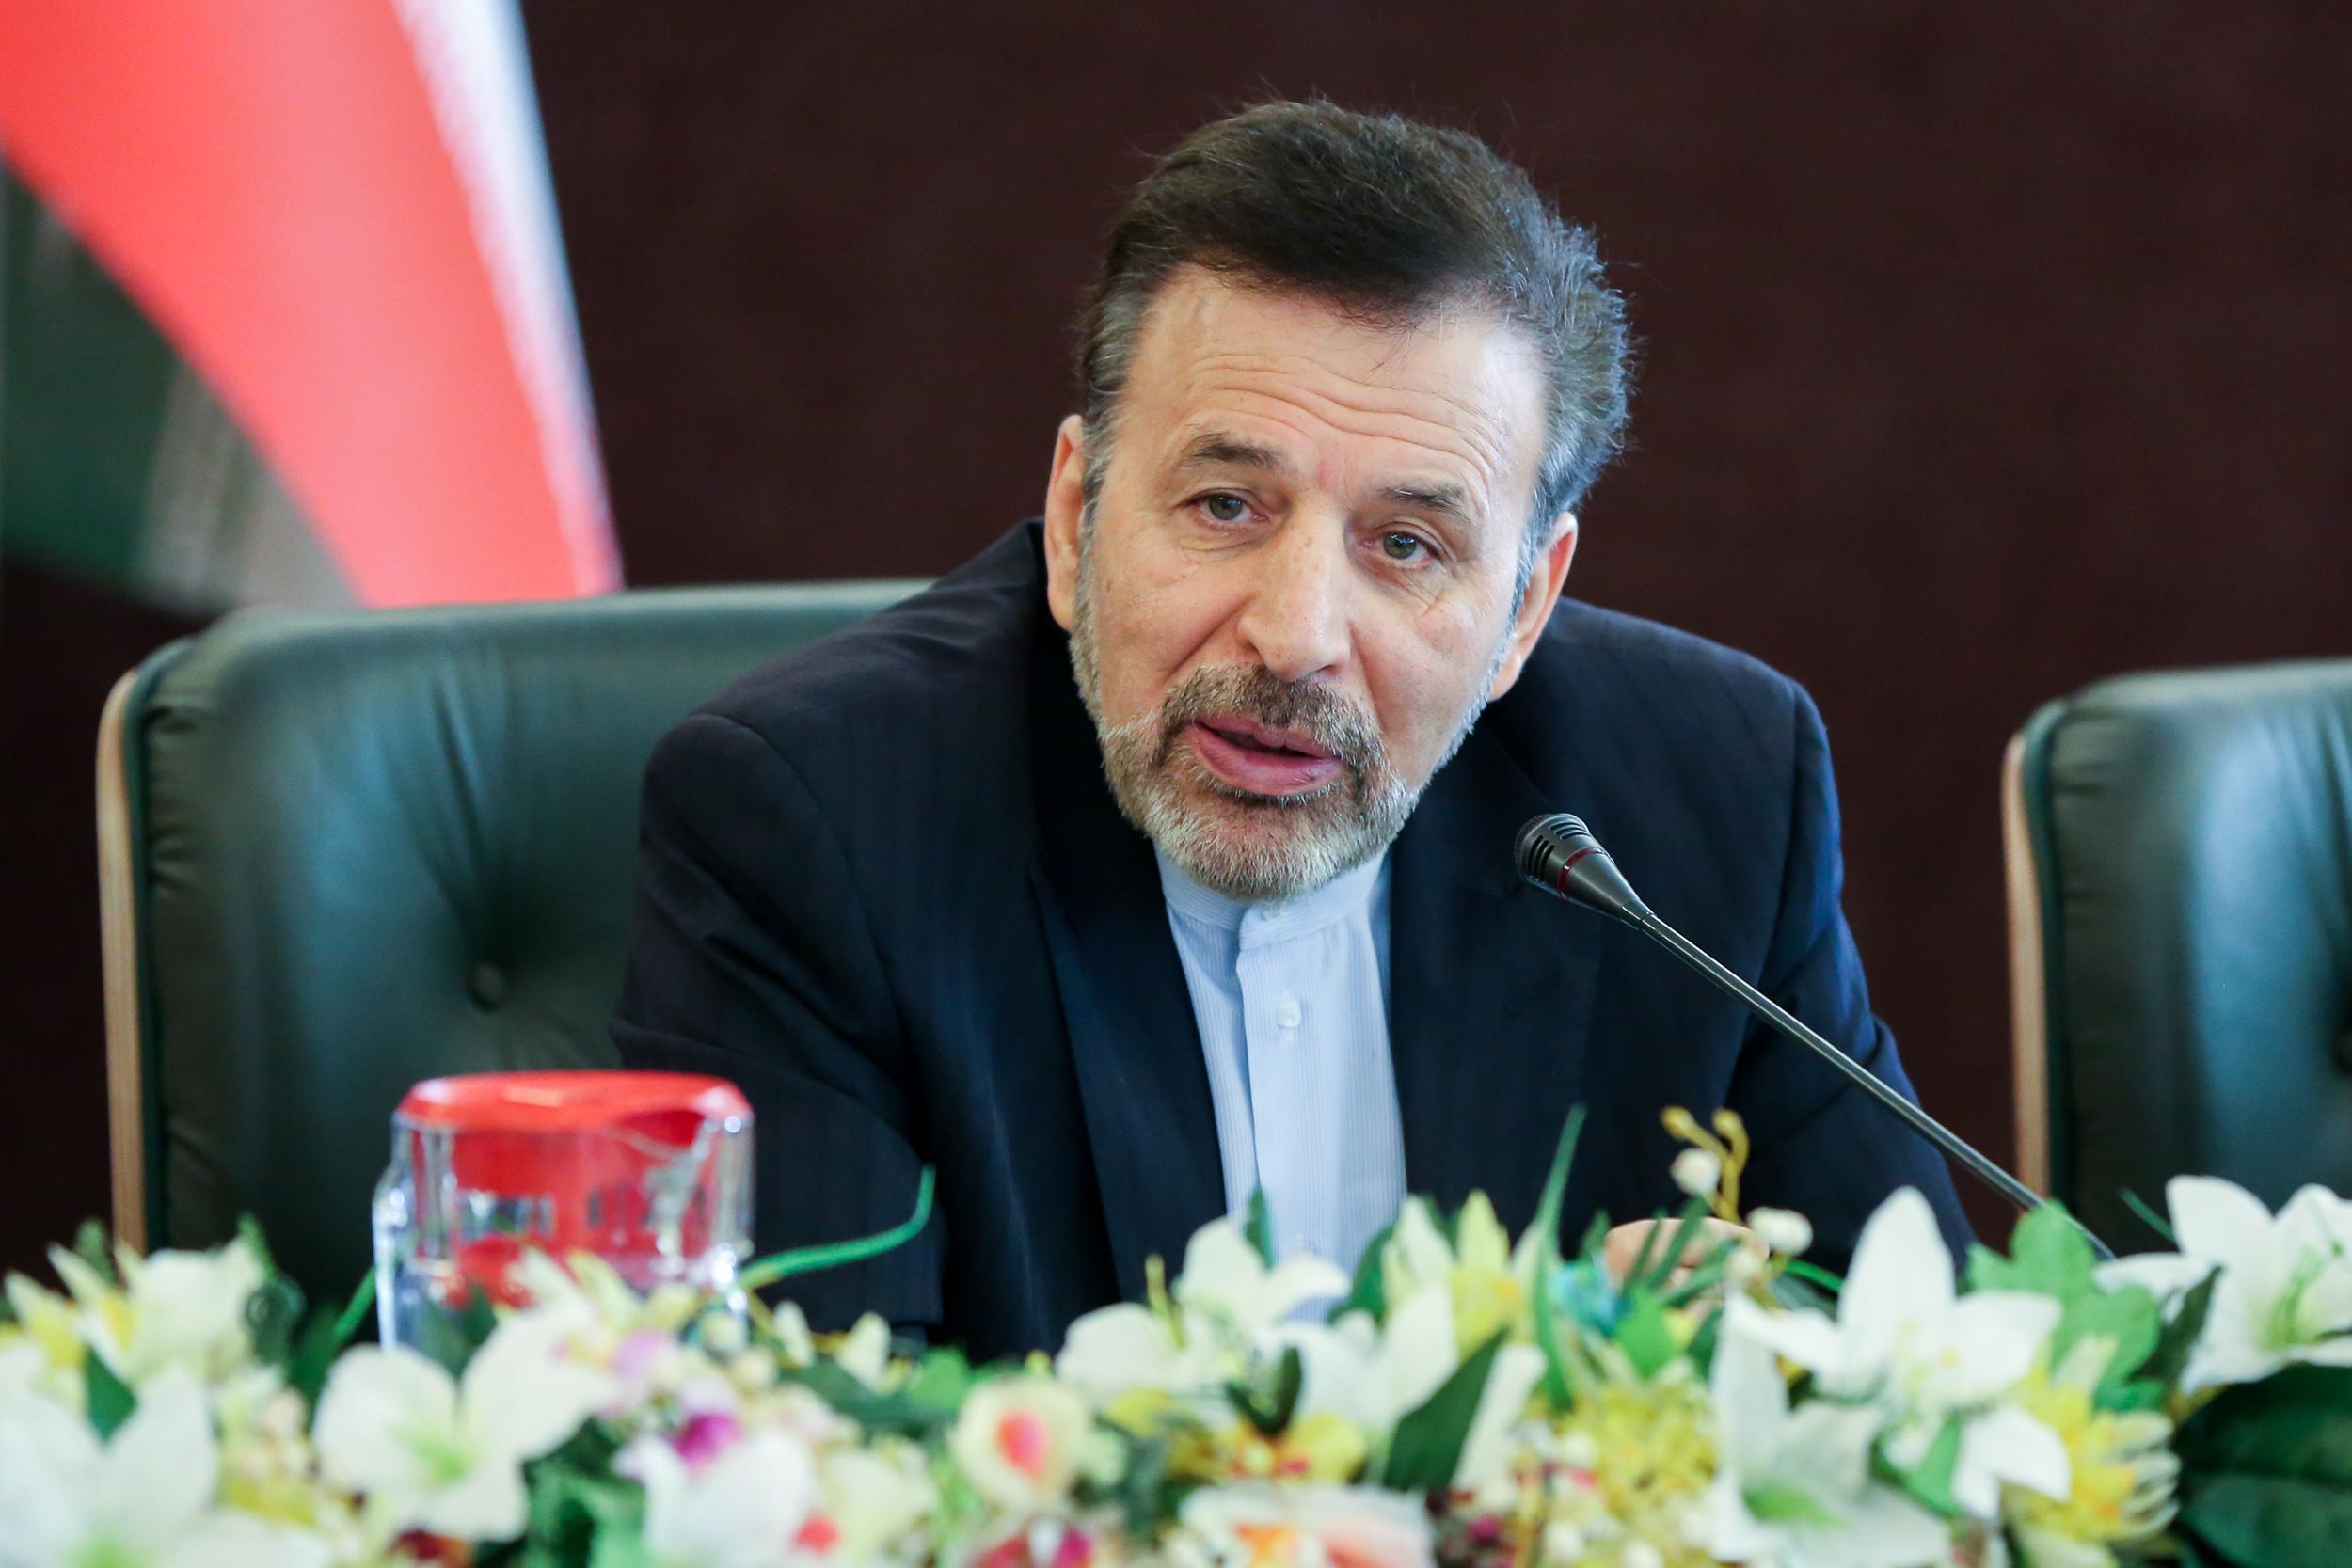 باشگاه خبرنگاران -دولت از گسترش همکاریها و مشارکت فعالان اقتصادی ایران و ترکیه حمایت میکند